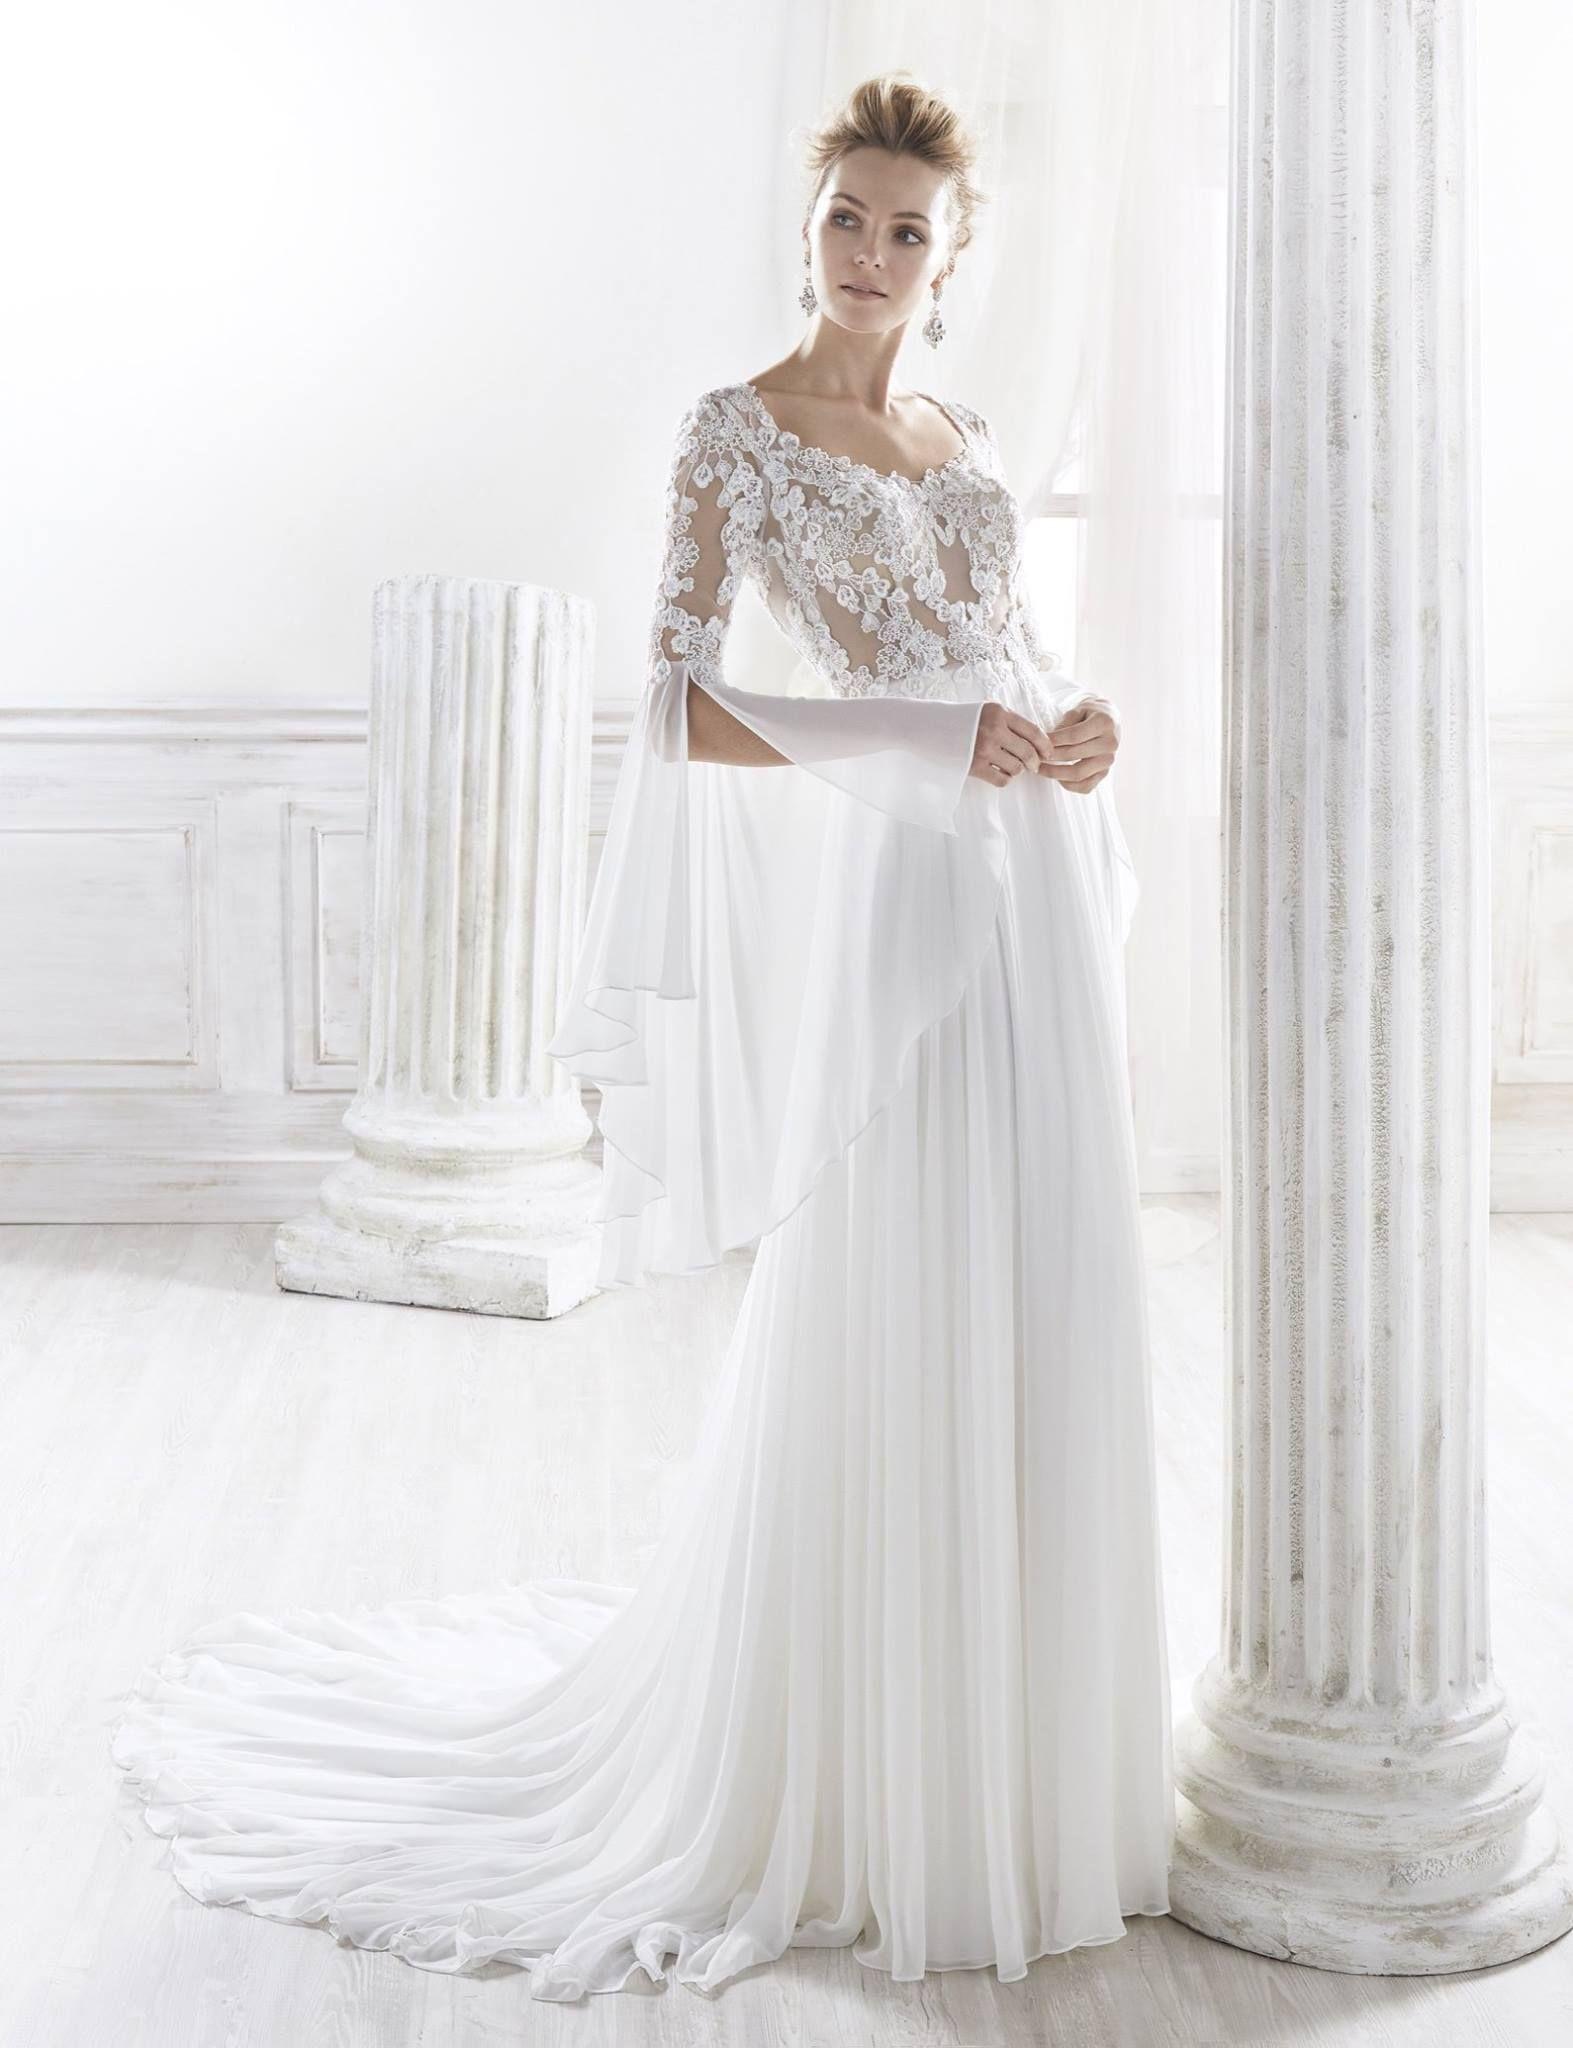 Pin by fatma zorluuzun Çırak on moda pinterest summer weddings